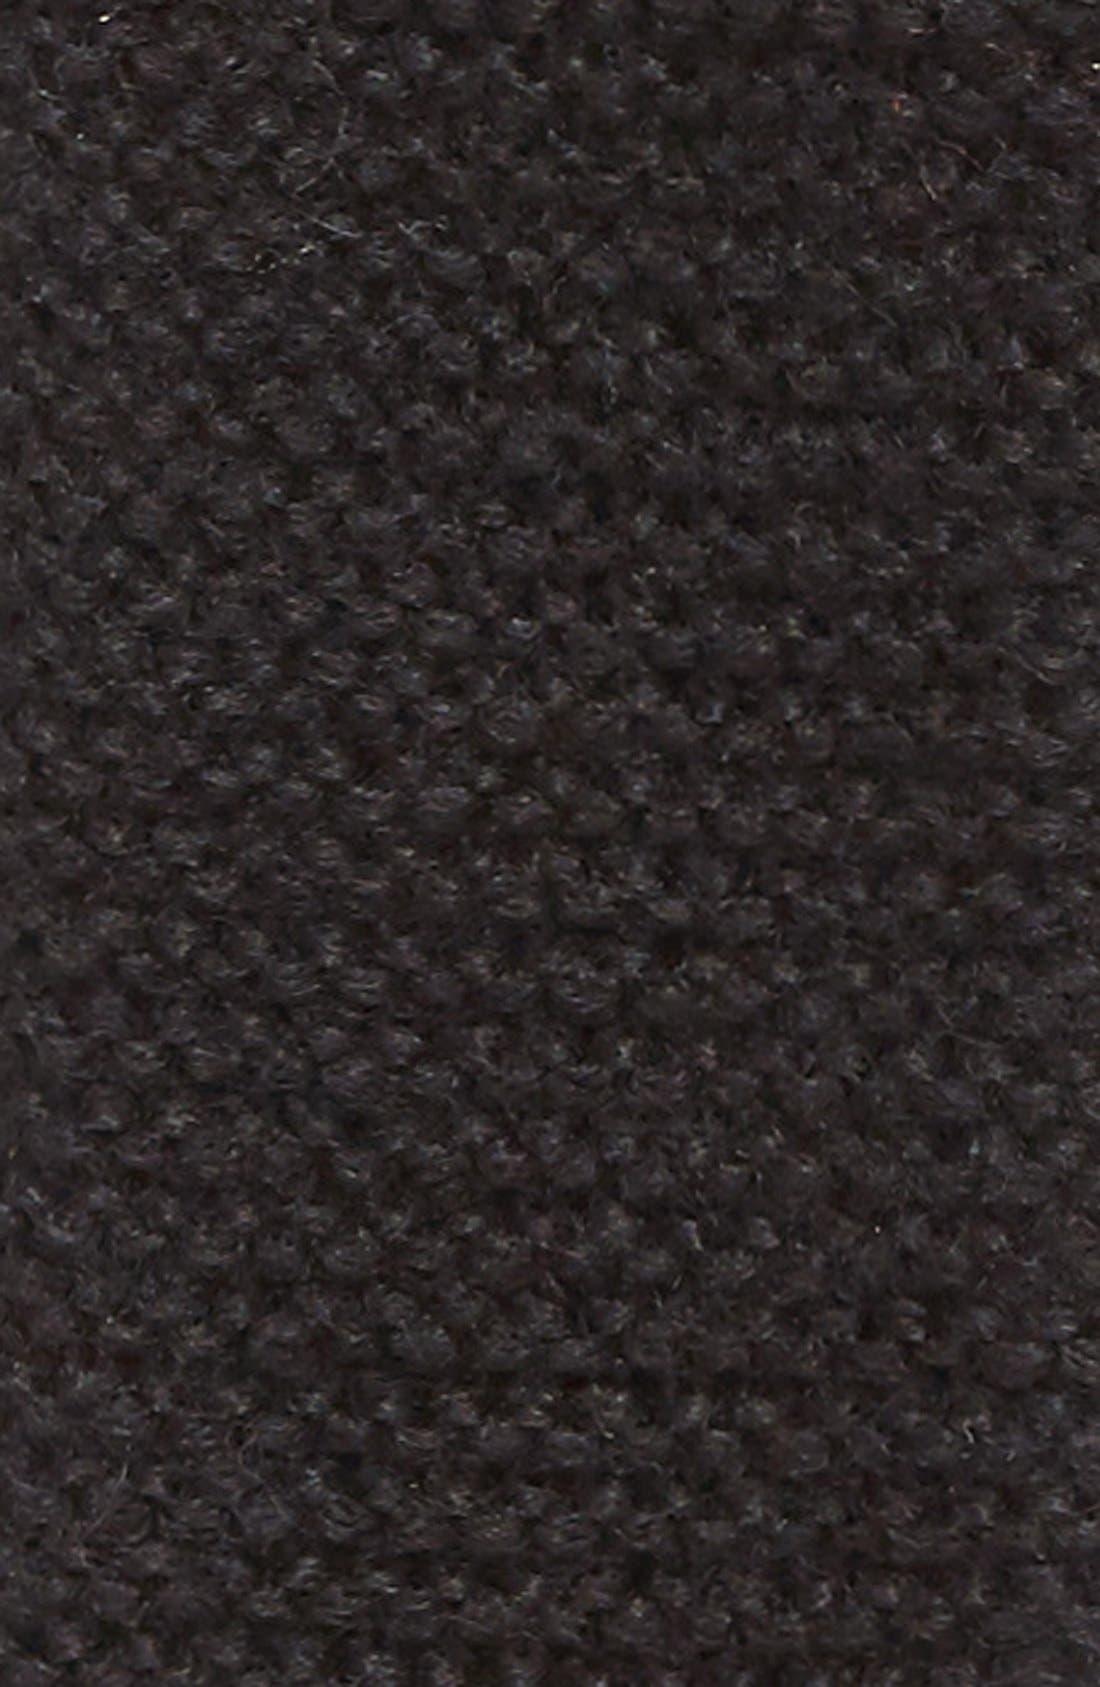 Garter Stitch Fingerless Gloves,                             Alternate thumbnail 10, color,